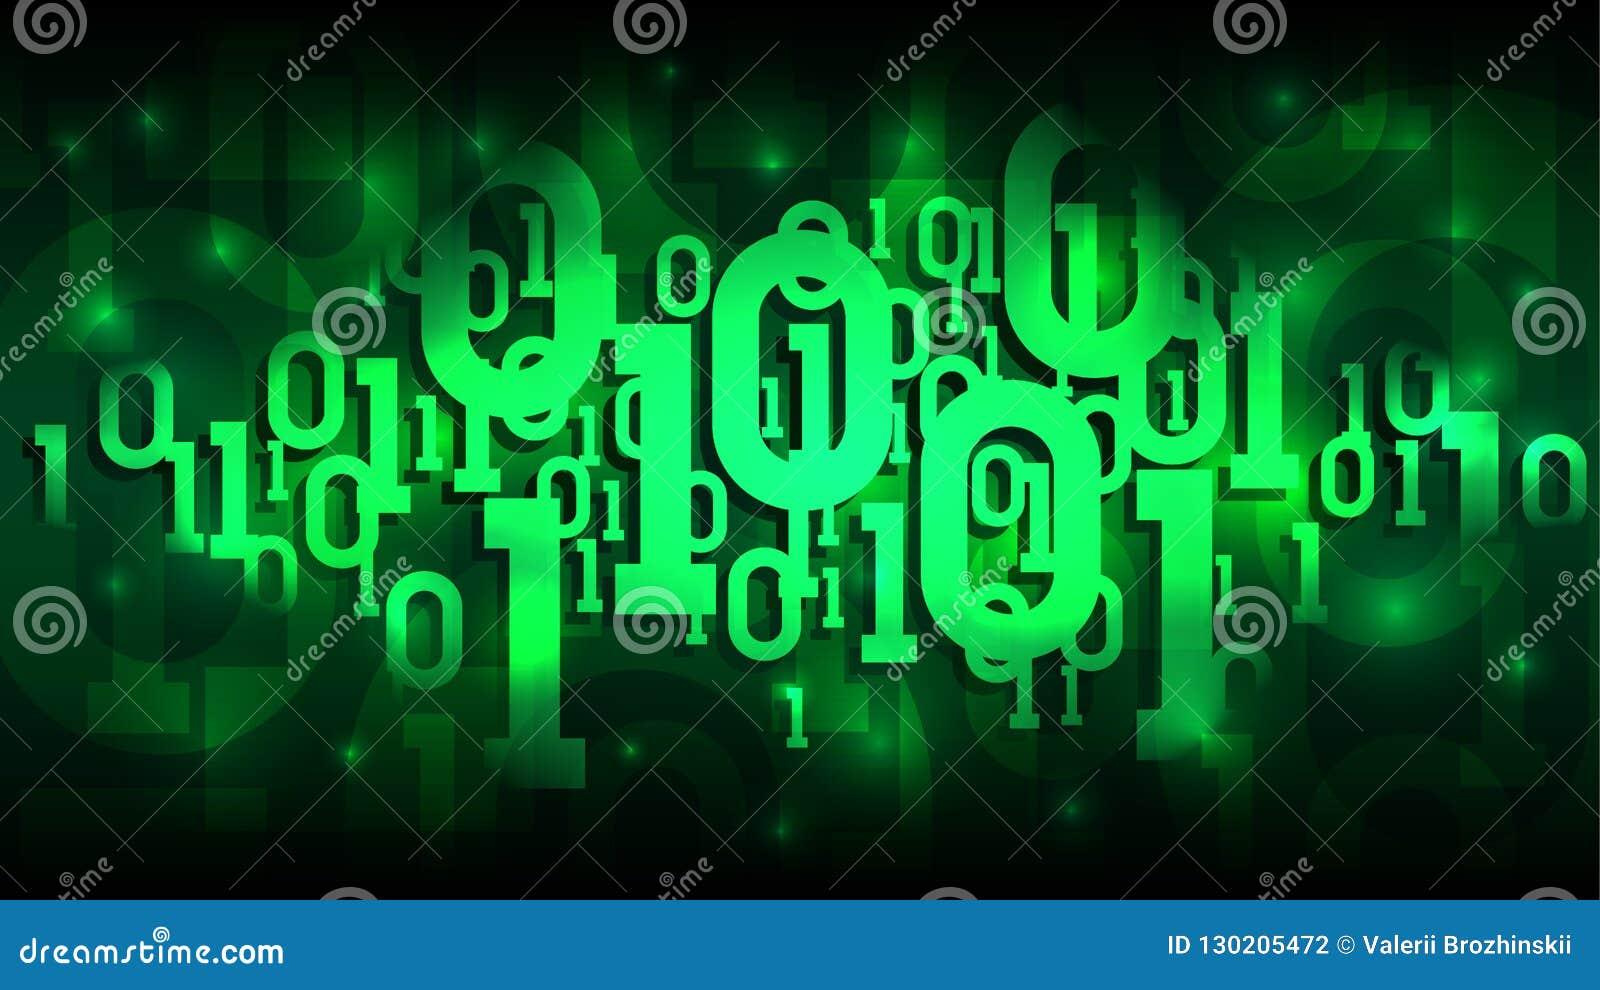 Предпосылка матрицы зеленая с бинарным кодом, затеняет цифровой код в абстрактном футуристическом виртуальном пространстве, облак